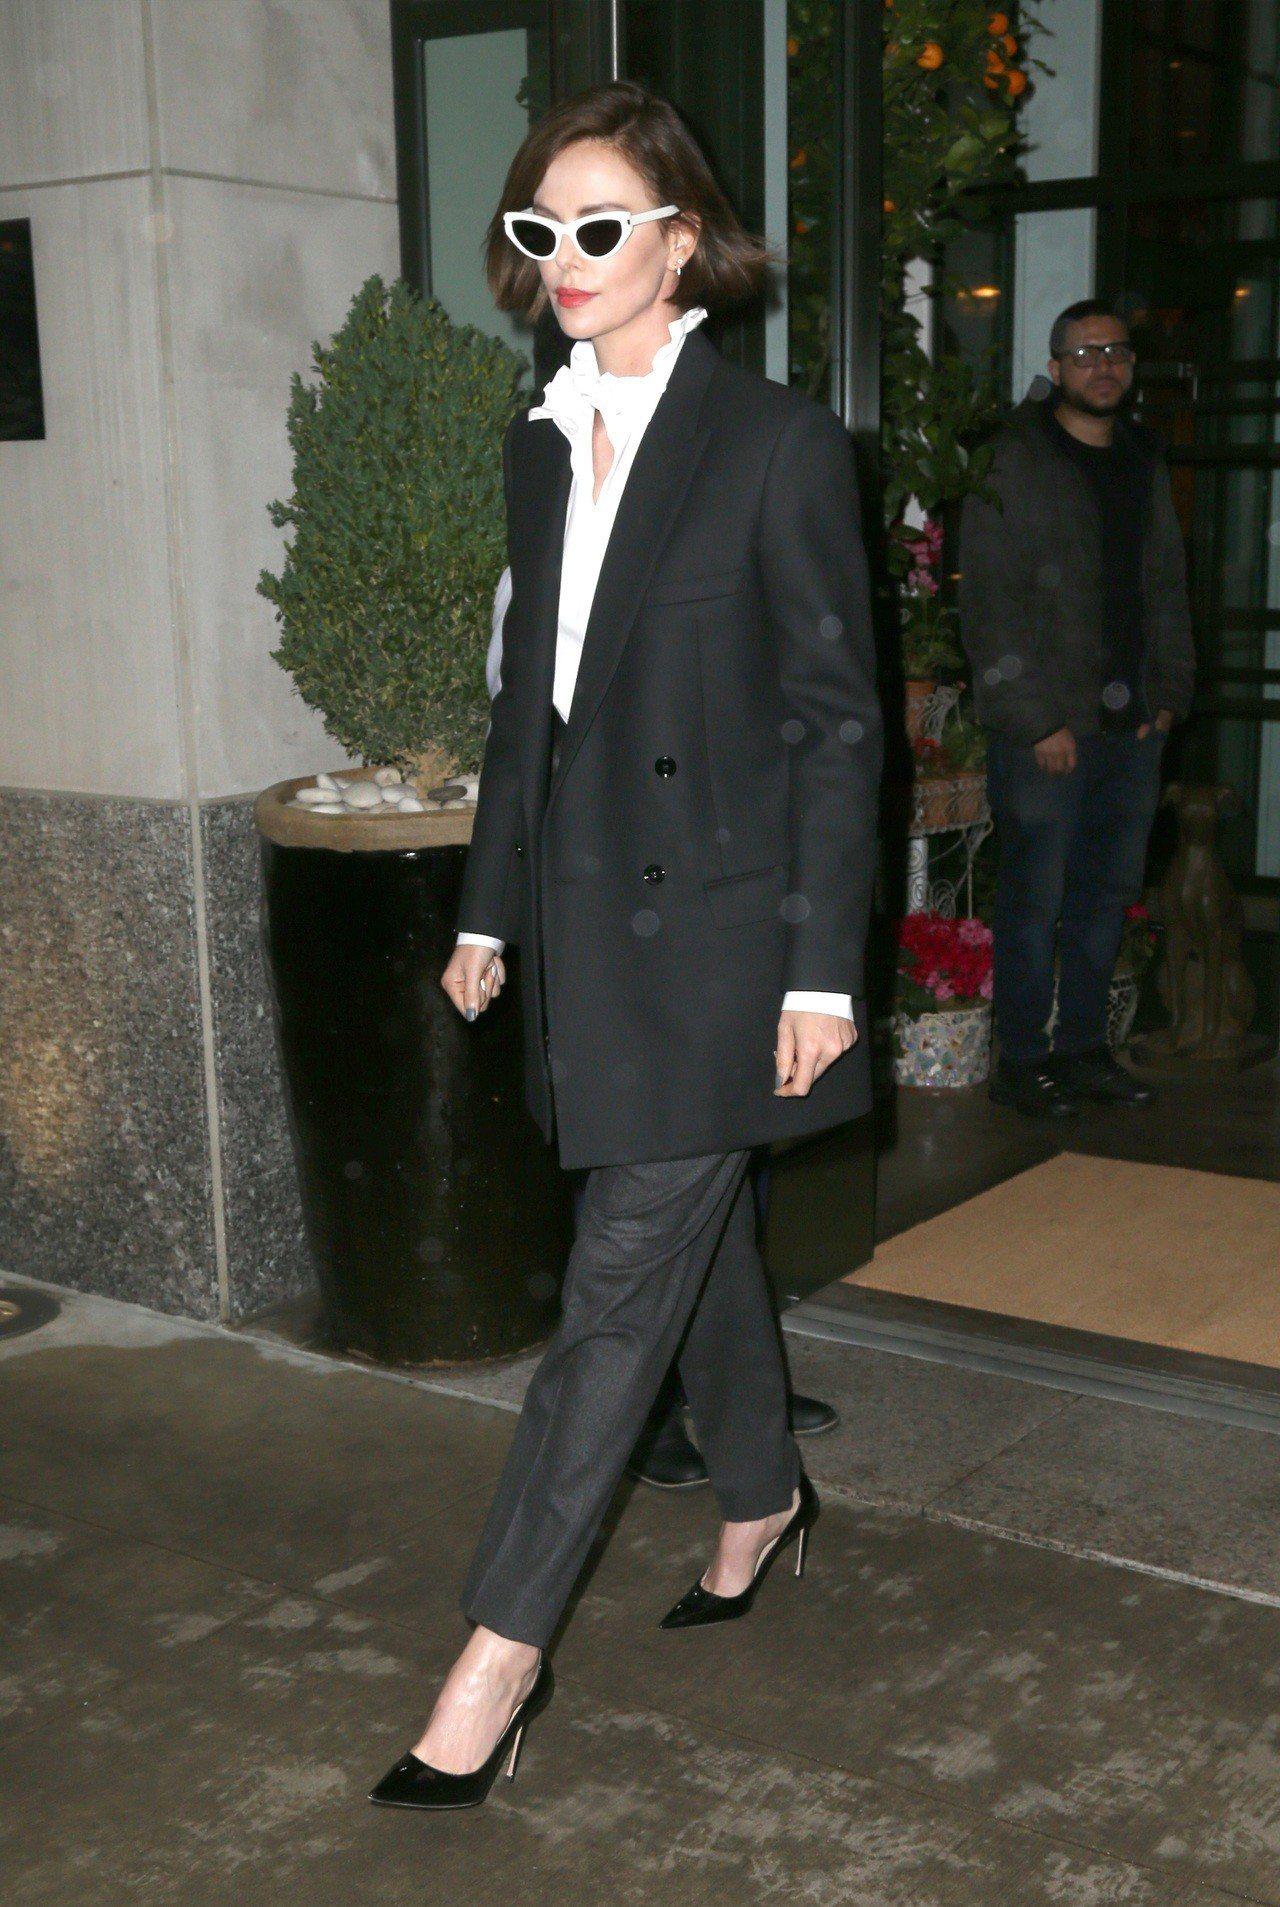 莎莉賽隆以荷葉領白襯衫和墨鏡巧搭CELINE西裝外套,整身穿搭很有層次感。圖/C...